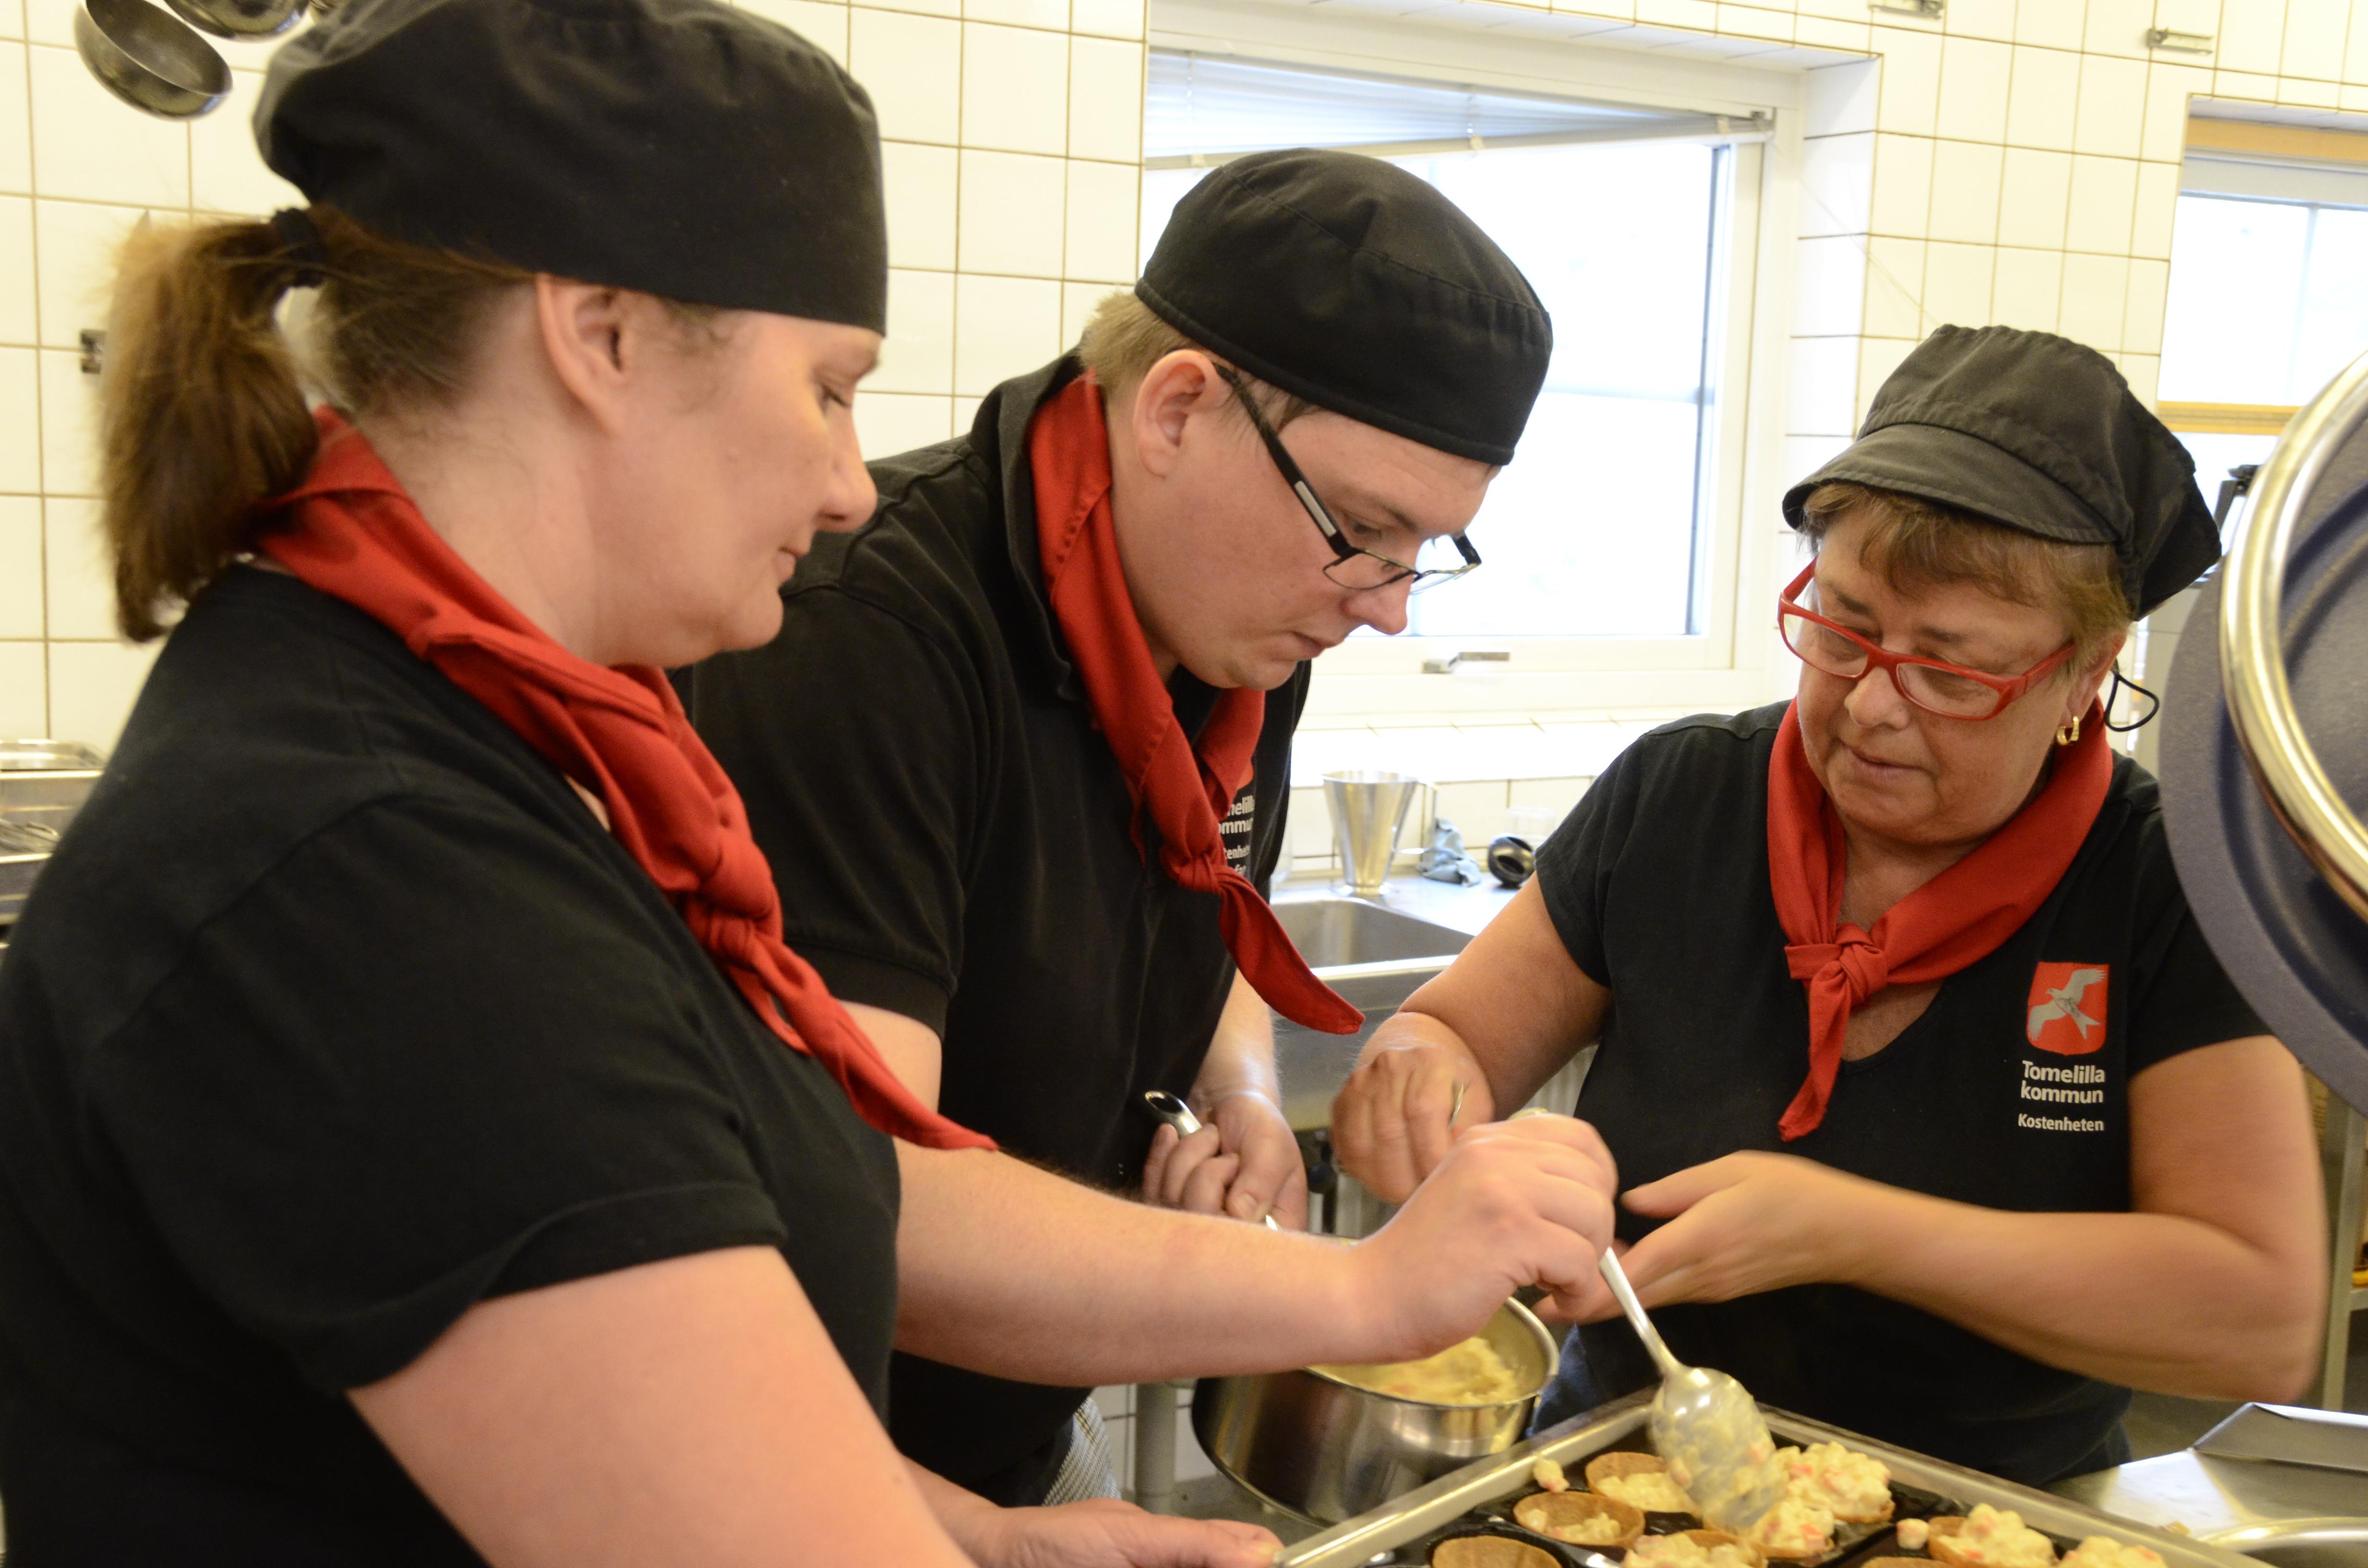 Förste kocken Stefan Persson inlånad från Kastanjeskolans kök flankeras av Marit Lindholm och Kerstin Mårtensson när de lägger upp lunchens förrätt.